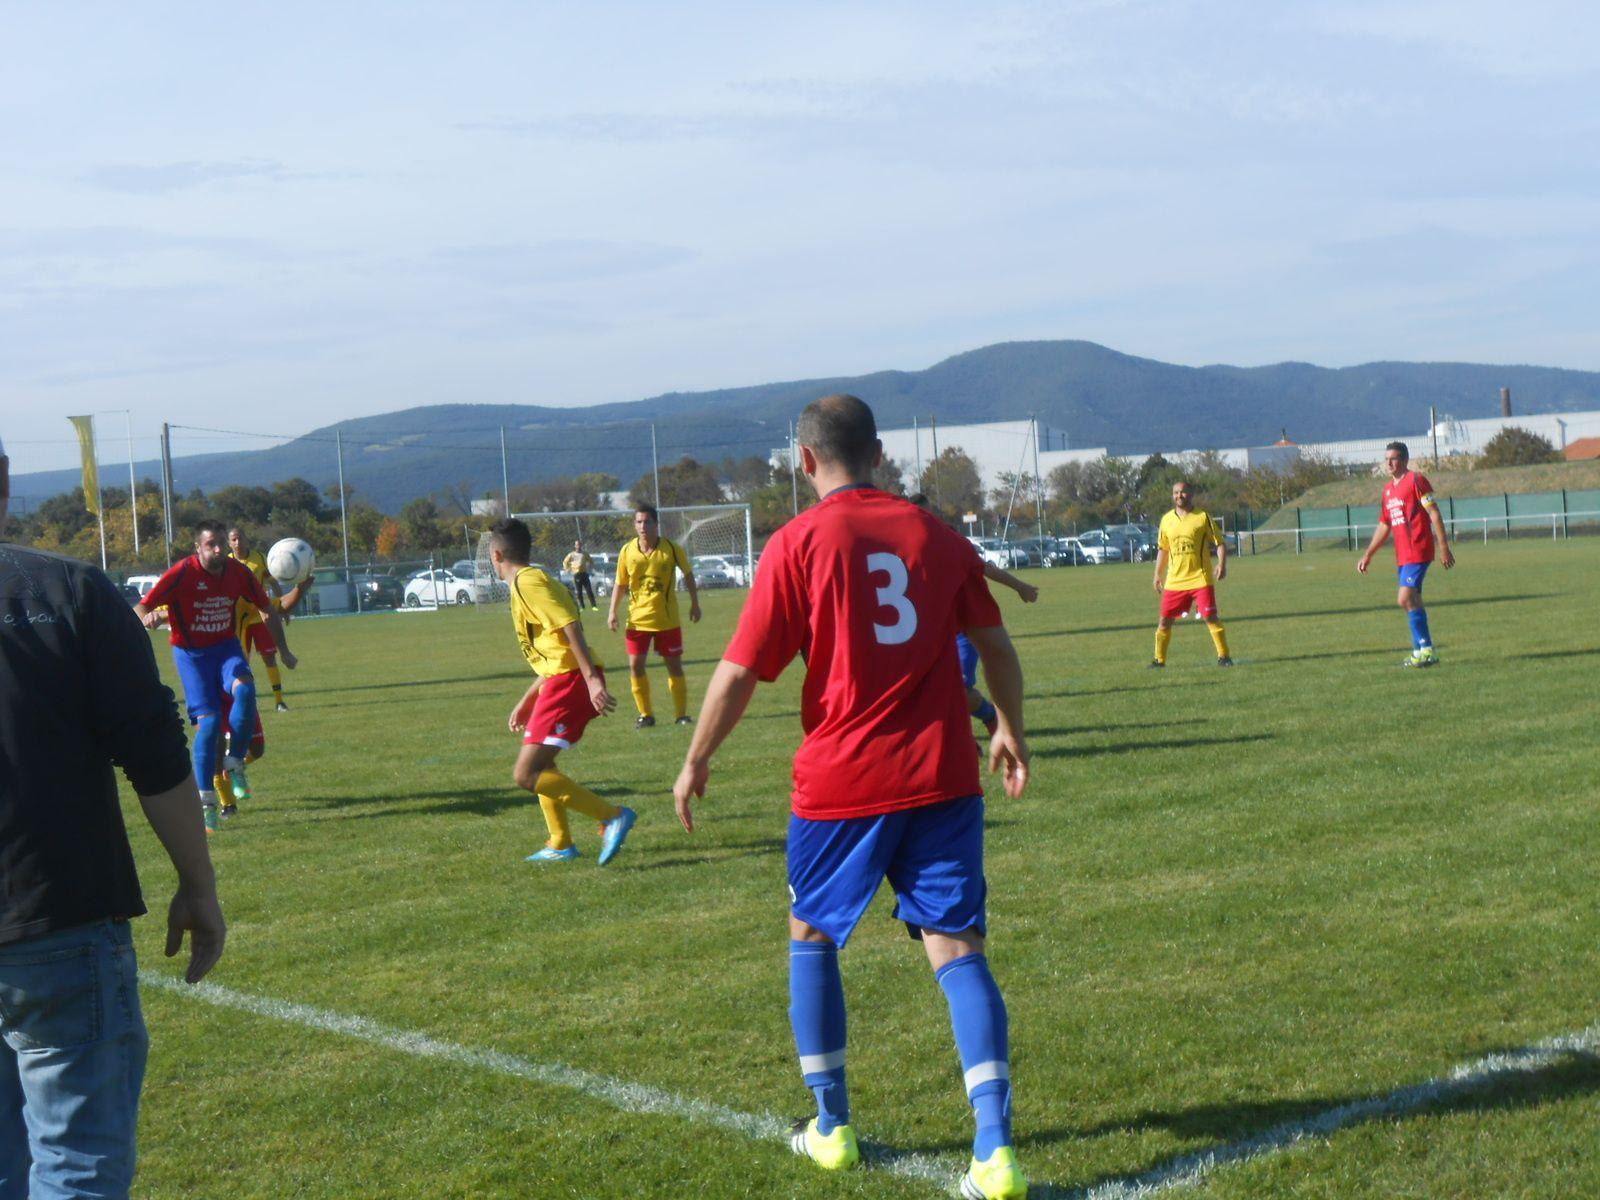 Dimanche dernier à Donzère, défaite 4-0,  4 buts encaissés en première mi-temps